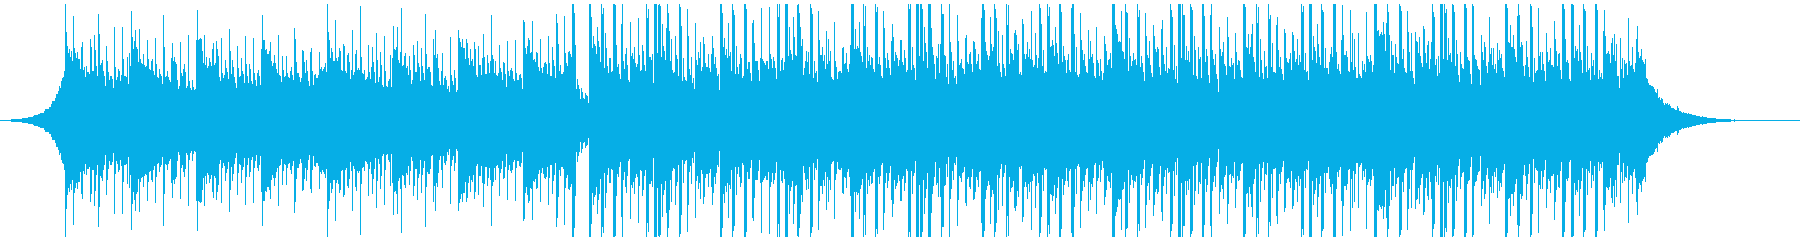 新技術(60秒)の再生済みの波形